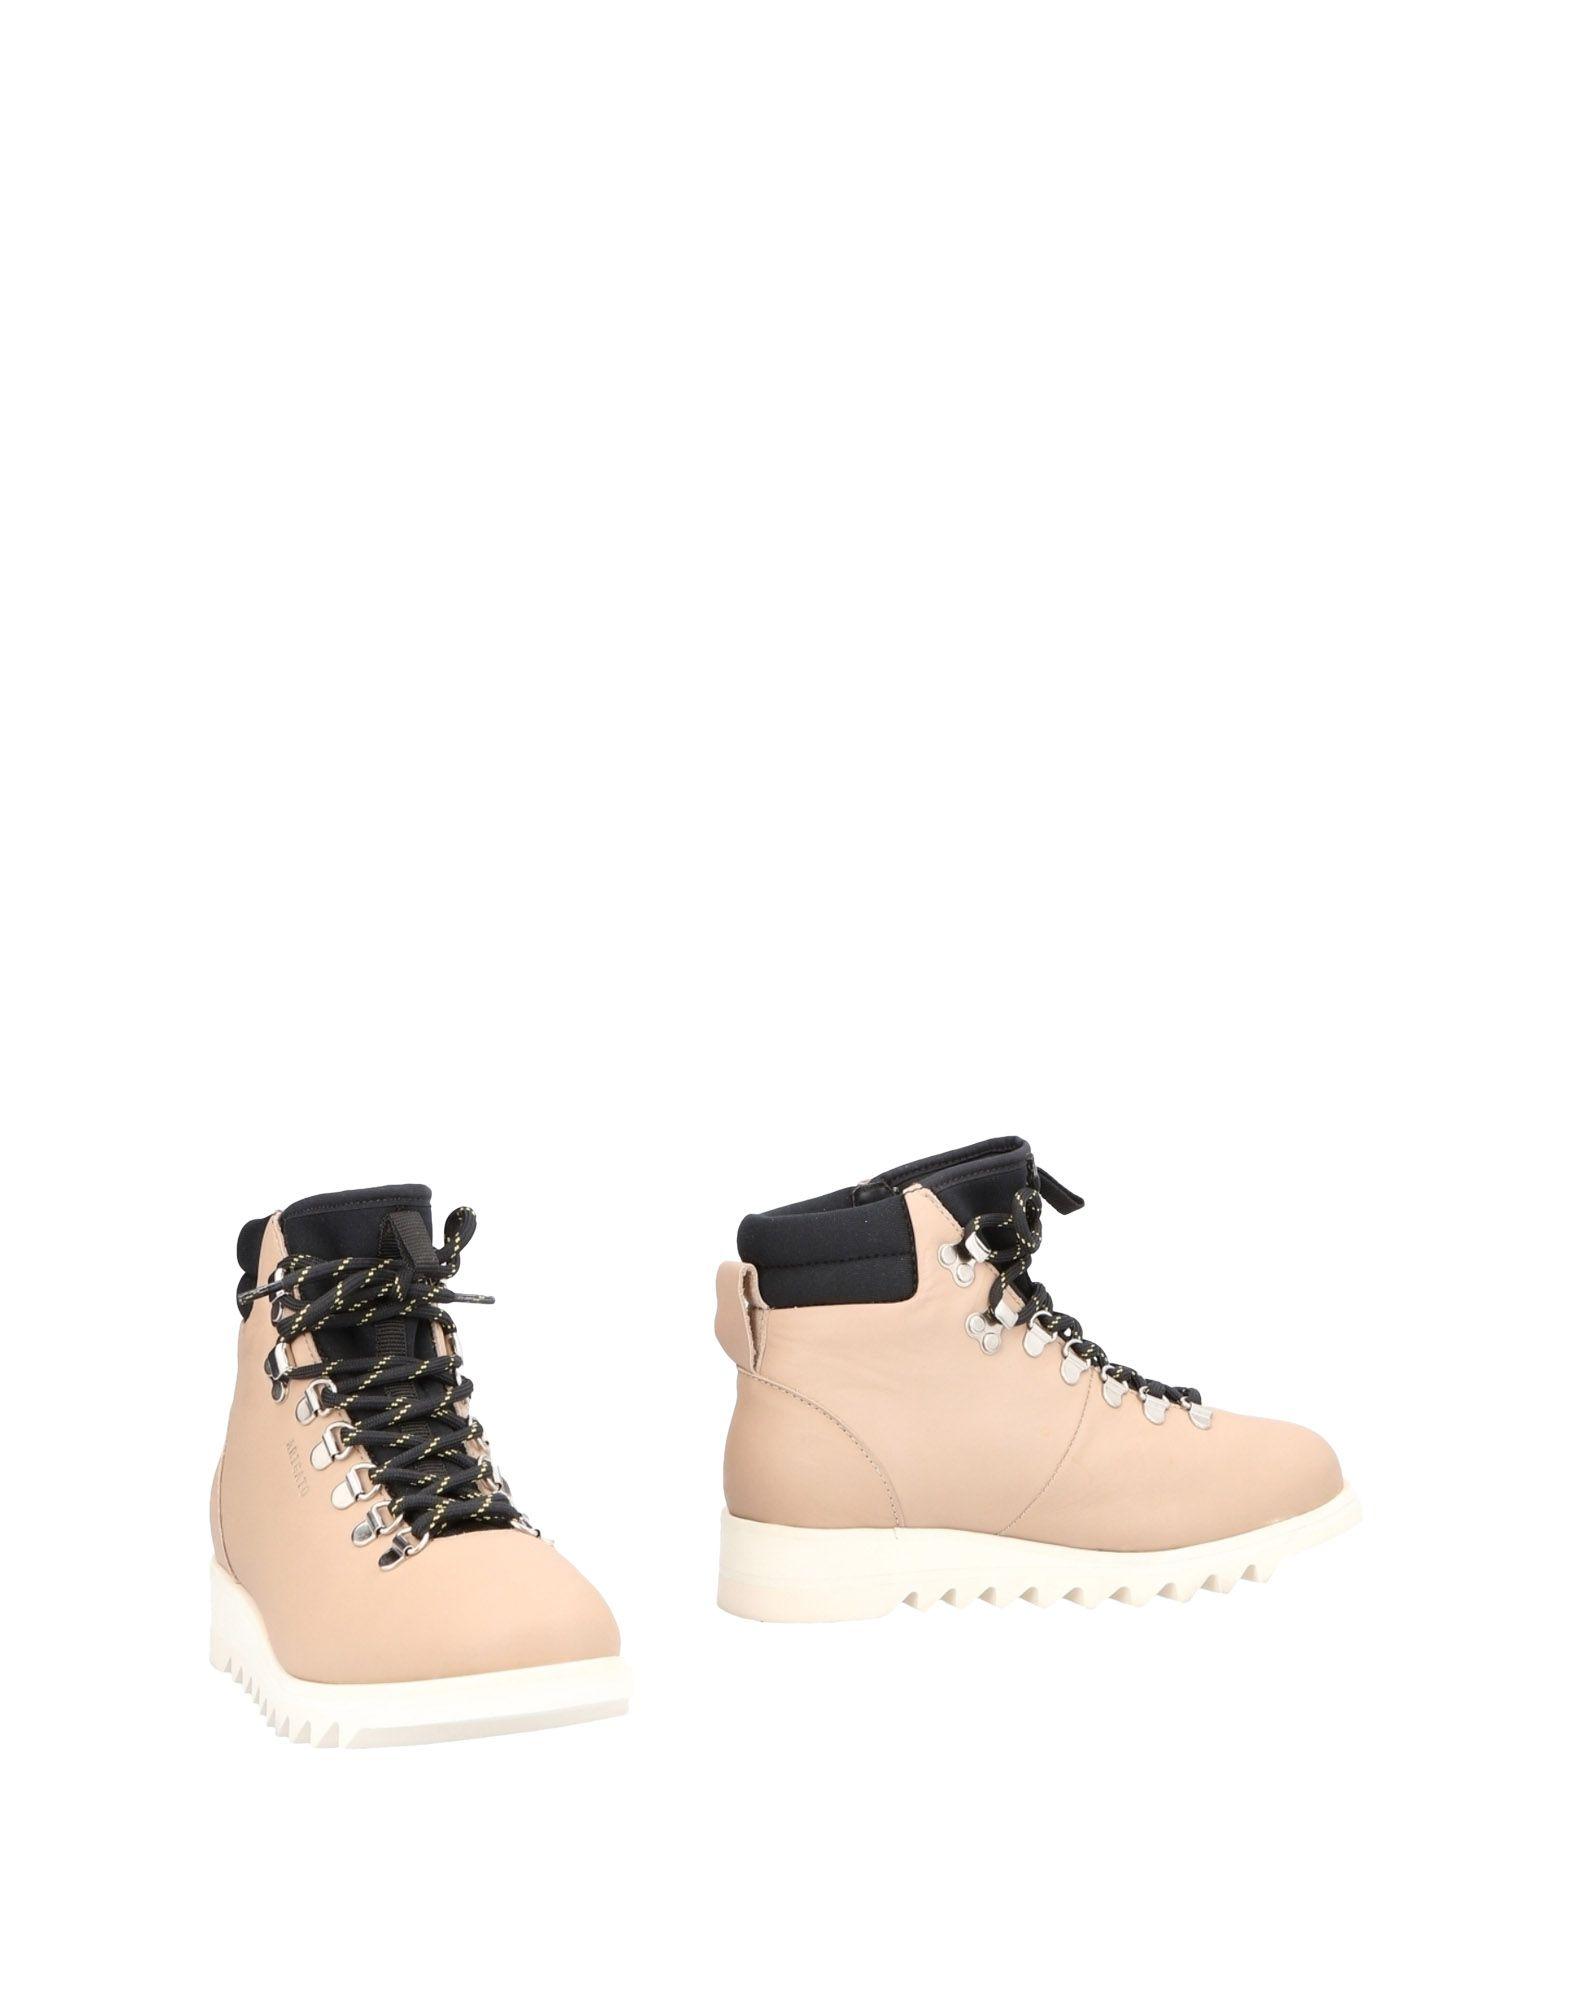 Stilvolle billige Stiefelette Schuhe Axel Arigato Stiefelette billige Damen  11472826RP 67dd6d